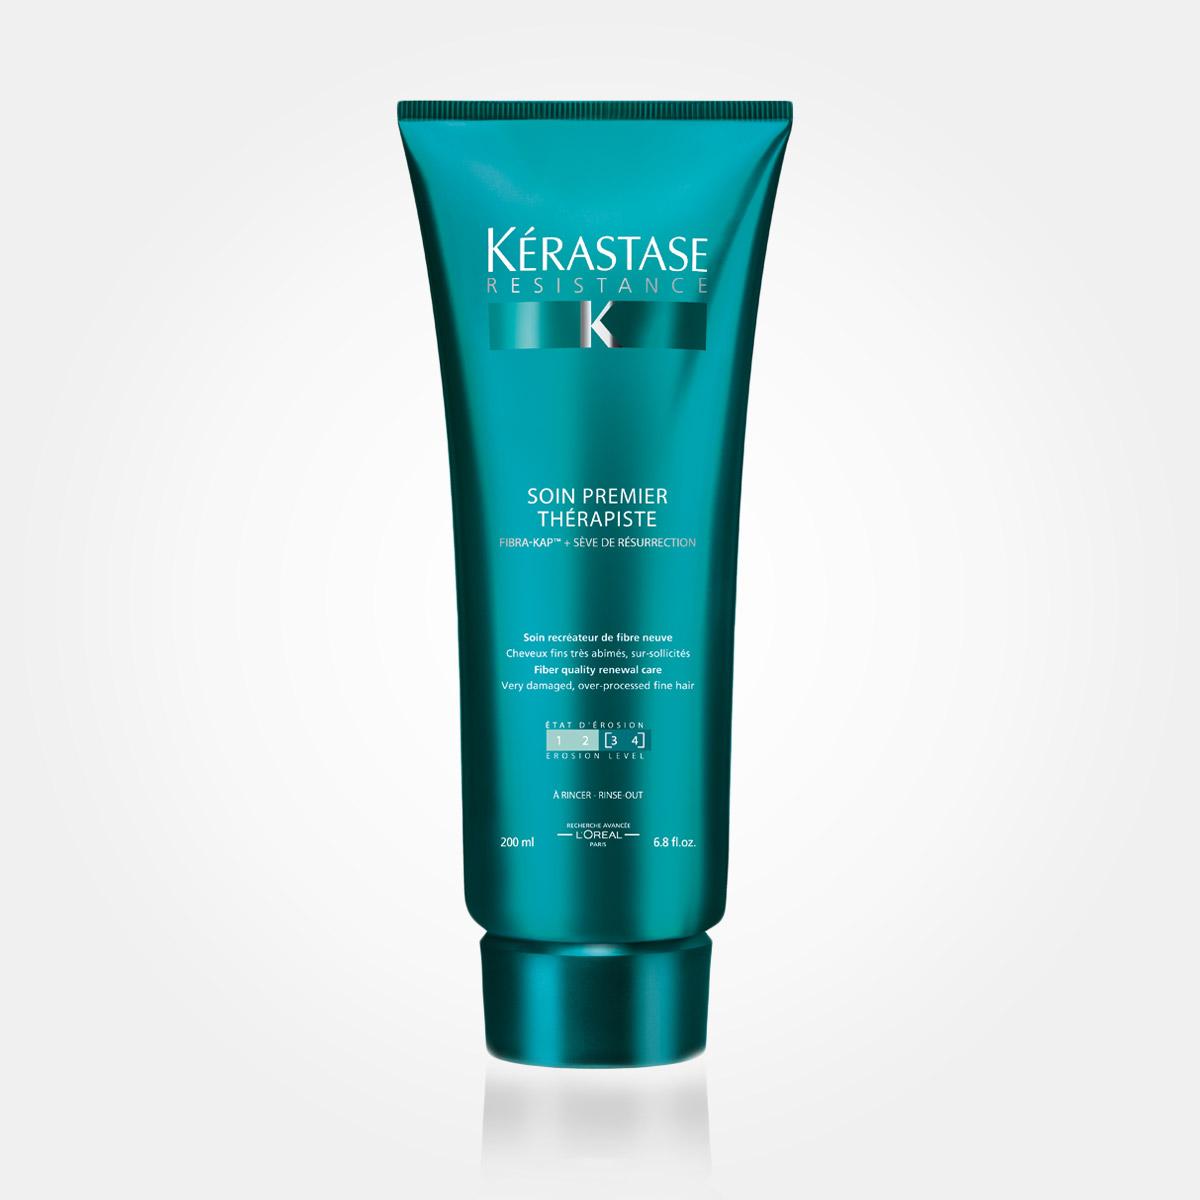 Vlasová terapie Soin premier Thérapiste – první reversní péče od Kérastase